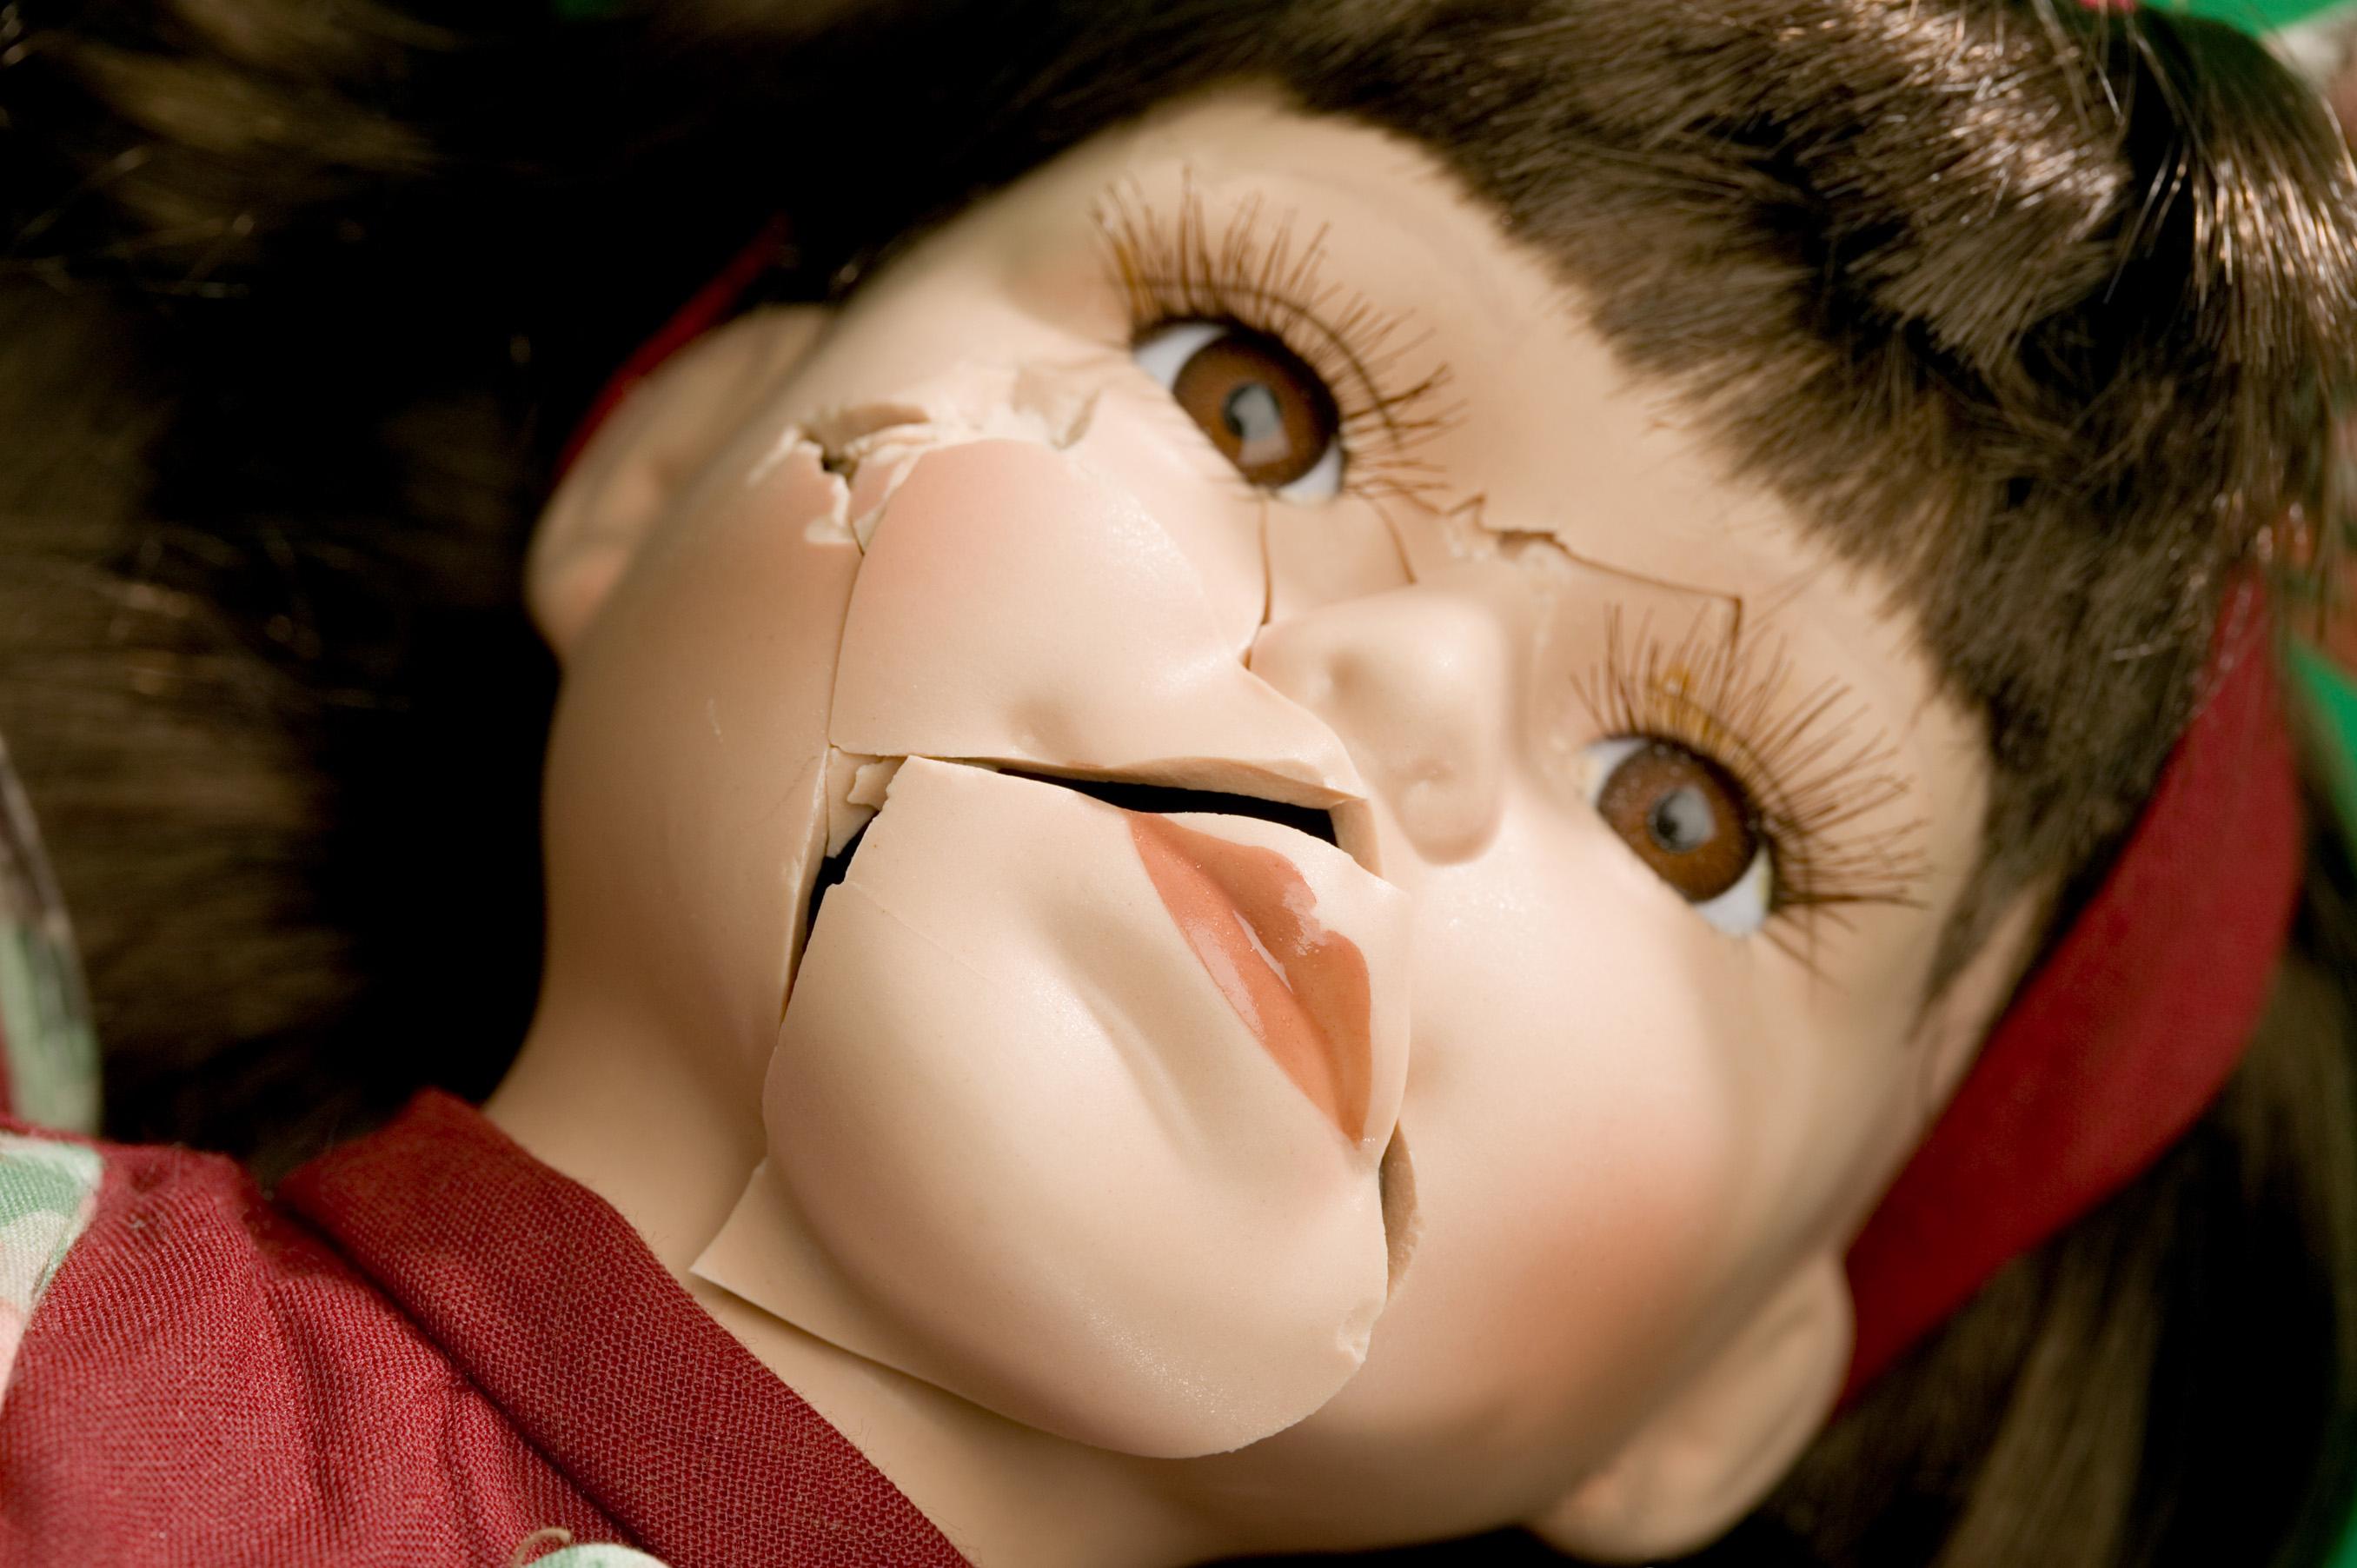 Craft A Homemade Wooden Ventriloquist Dummy